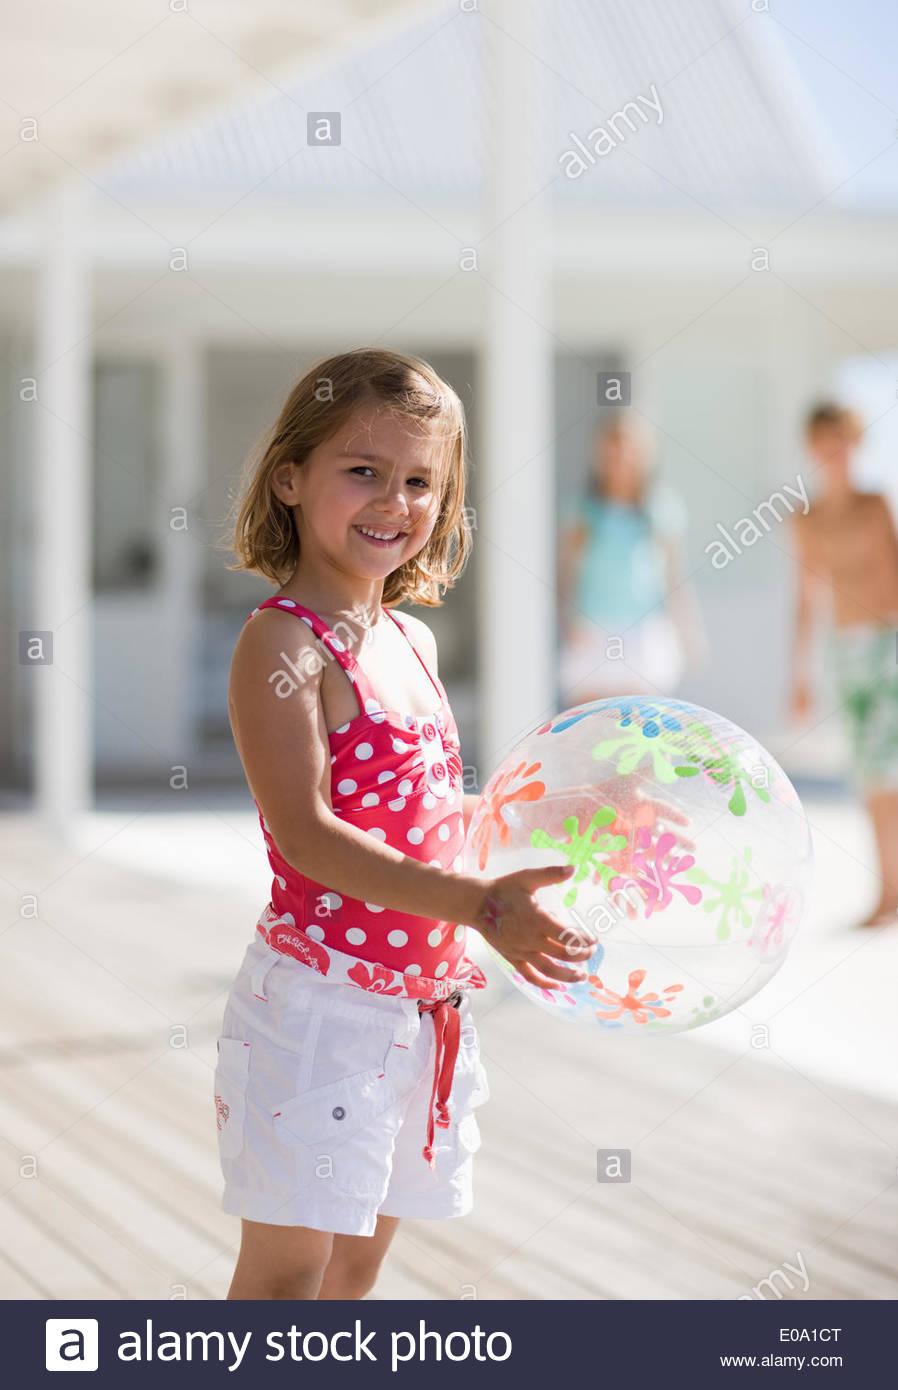 Hermana jugando con bola Imagen De Stock